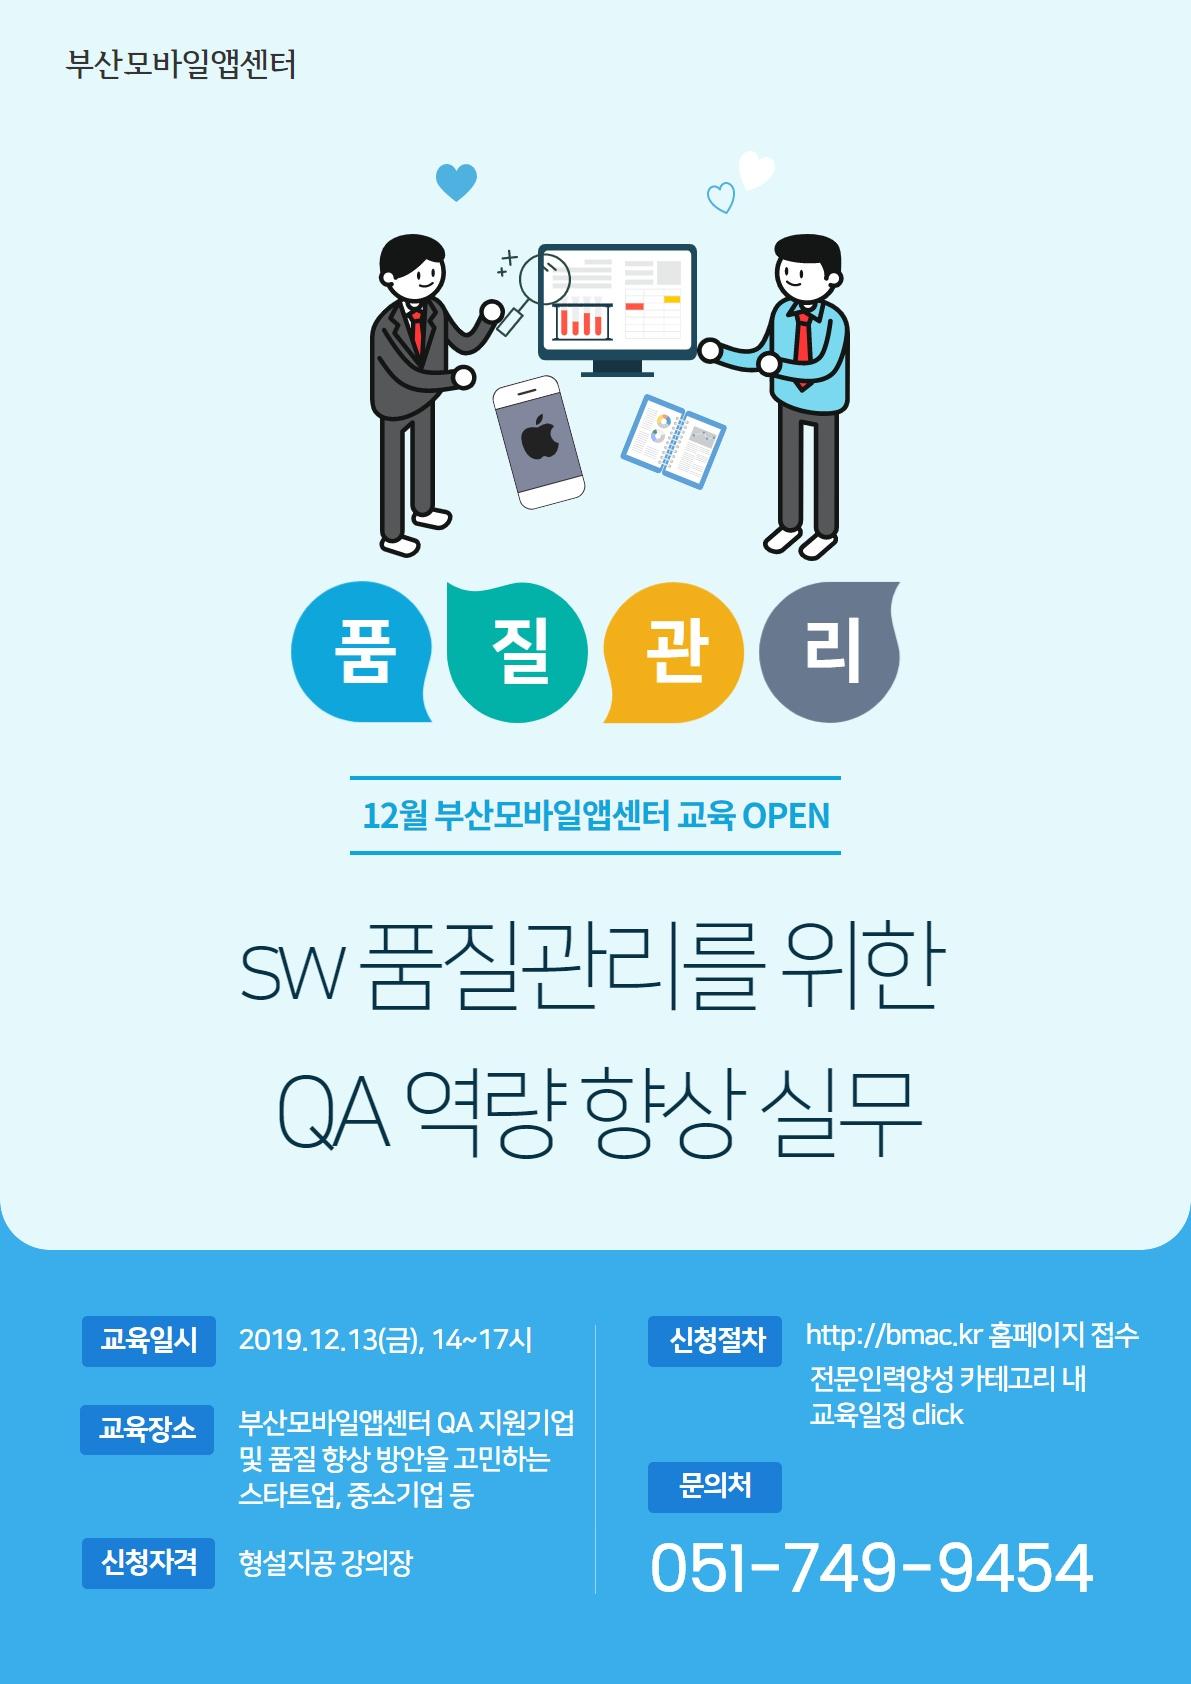 [부산모바일앱센터] SW품질관리를 위한 QA 역량 향상 실무 교육 안내